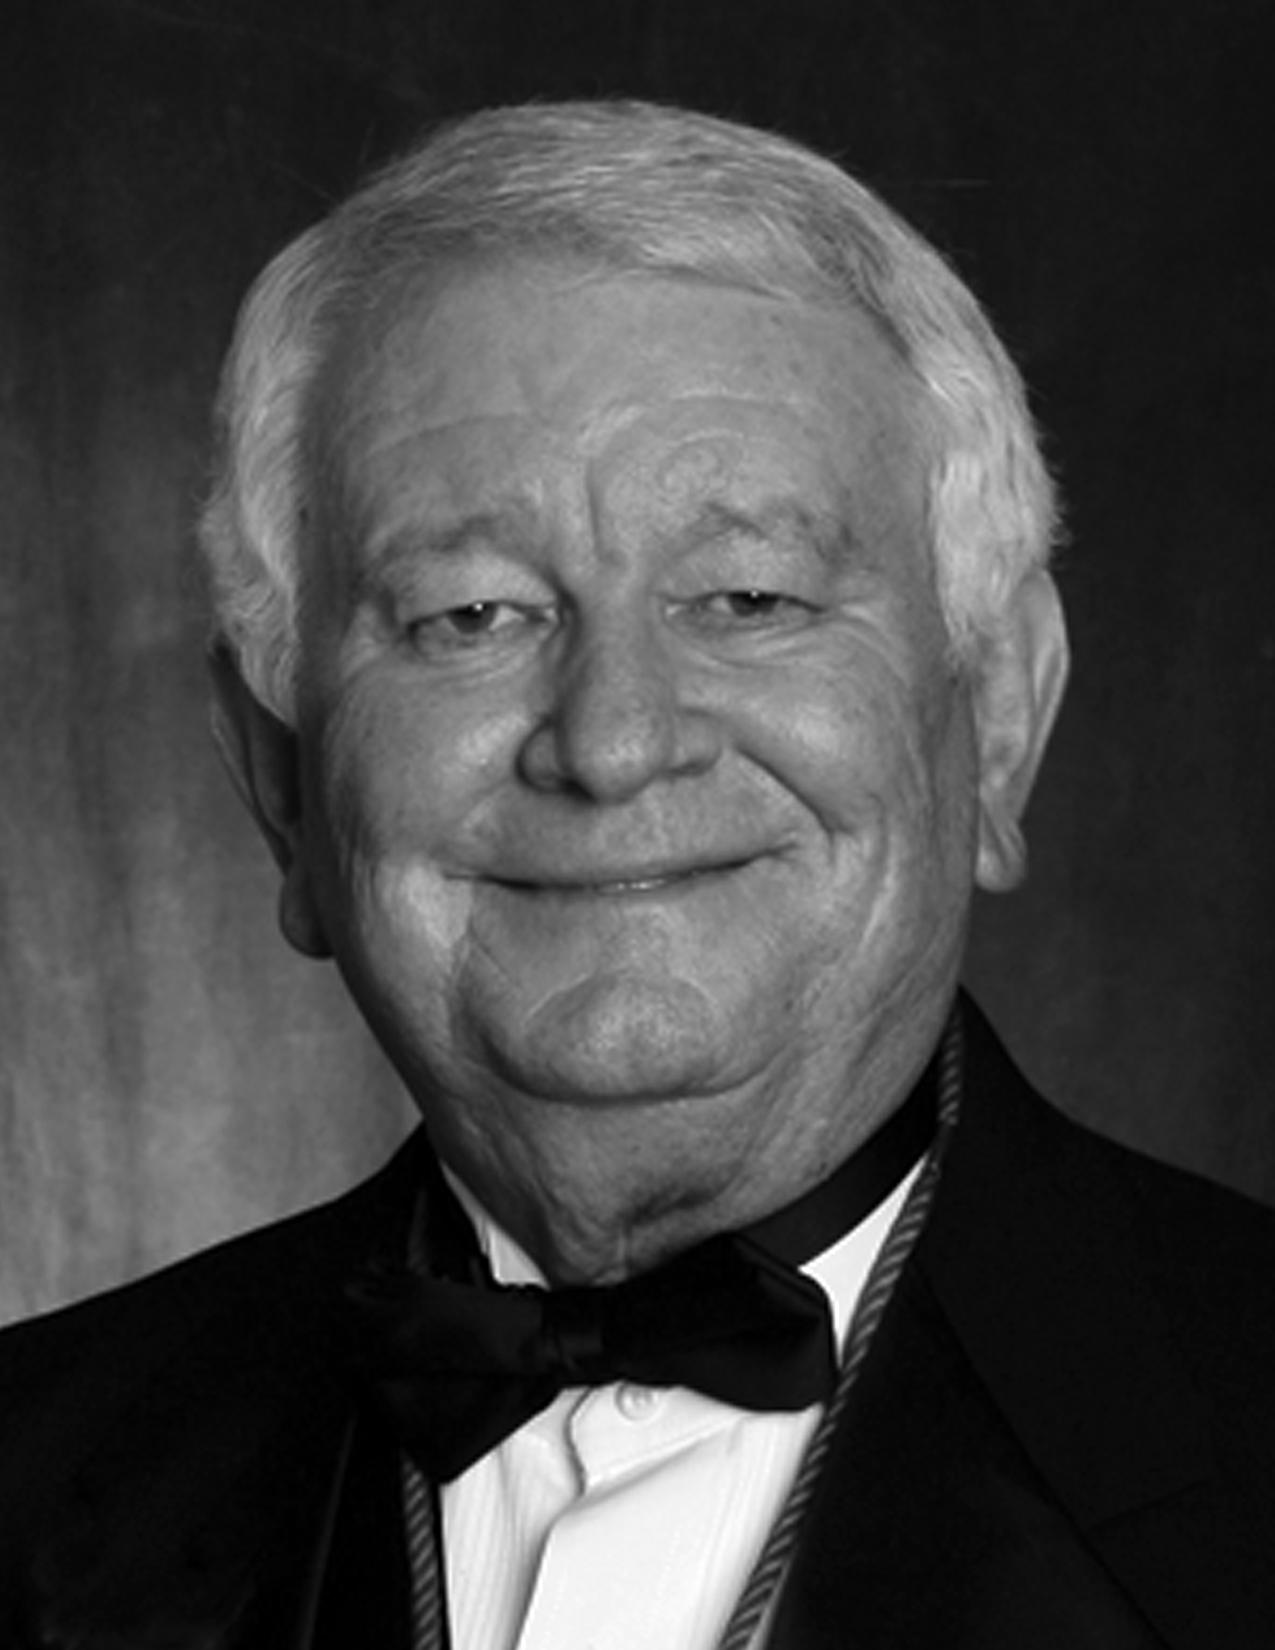 Herbert L. Songer